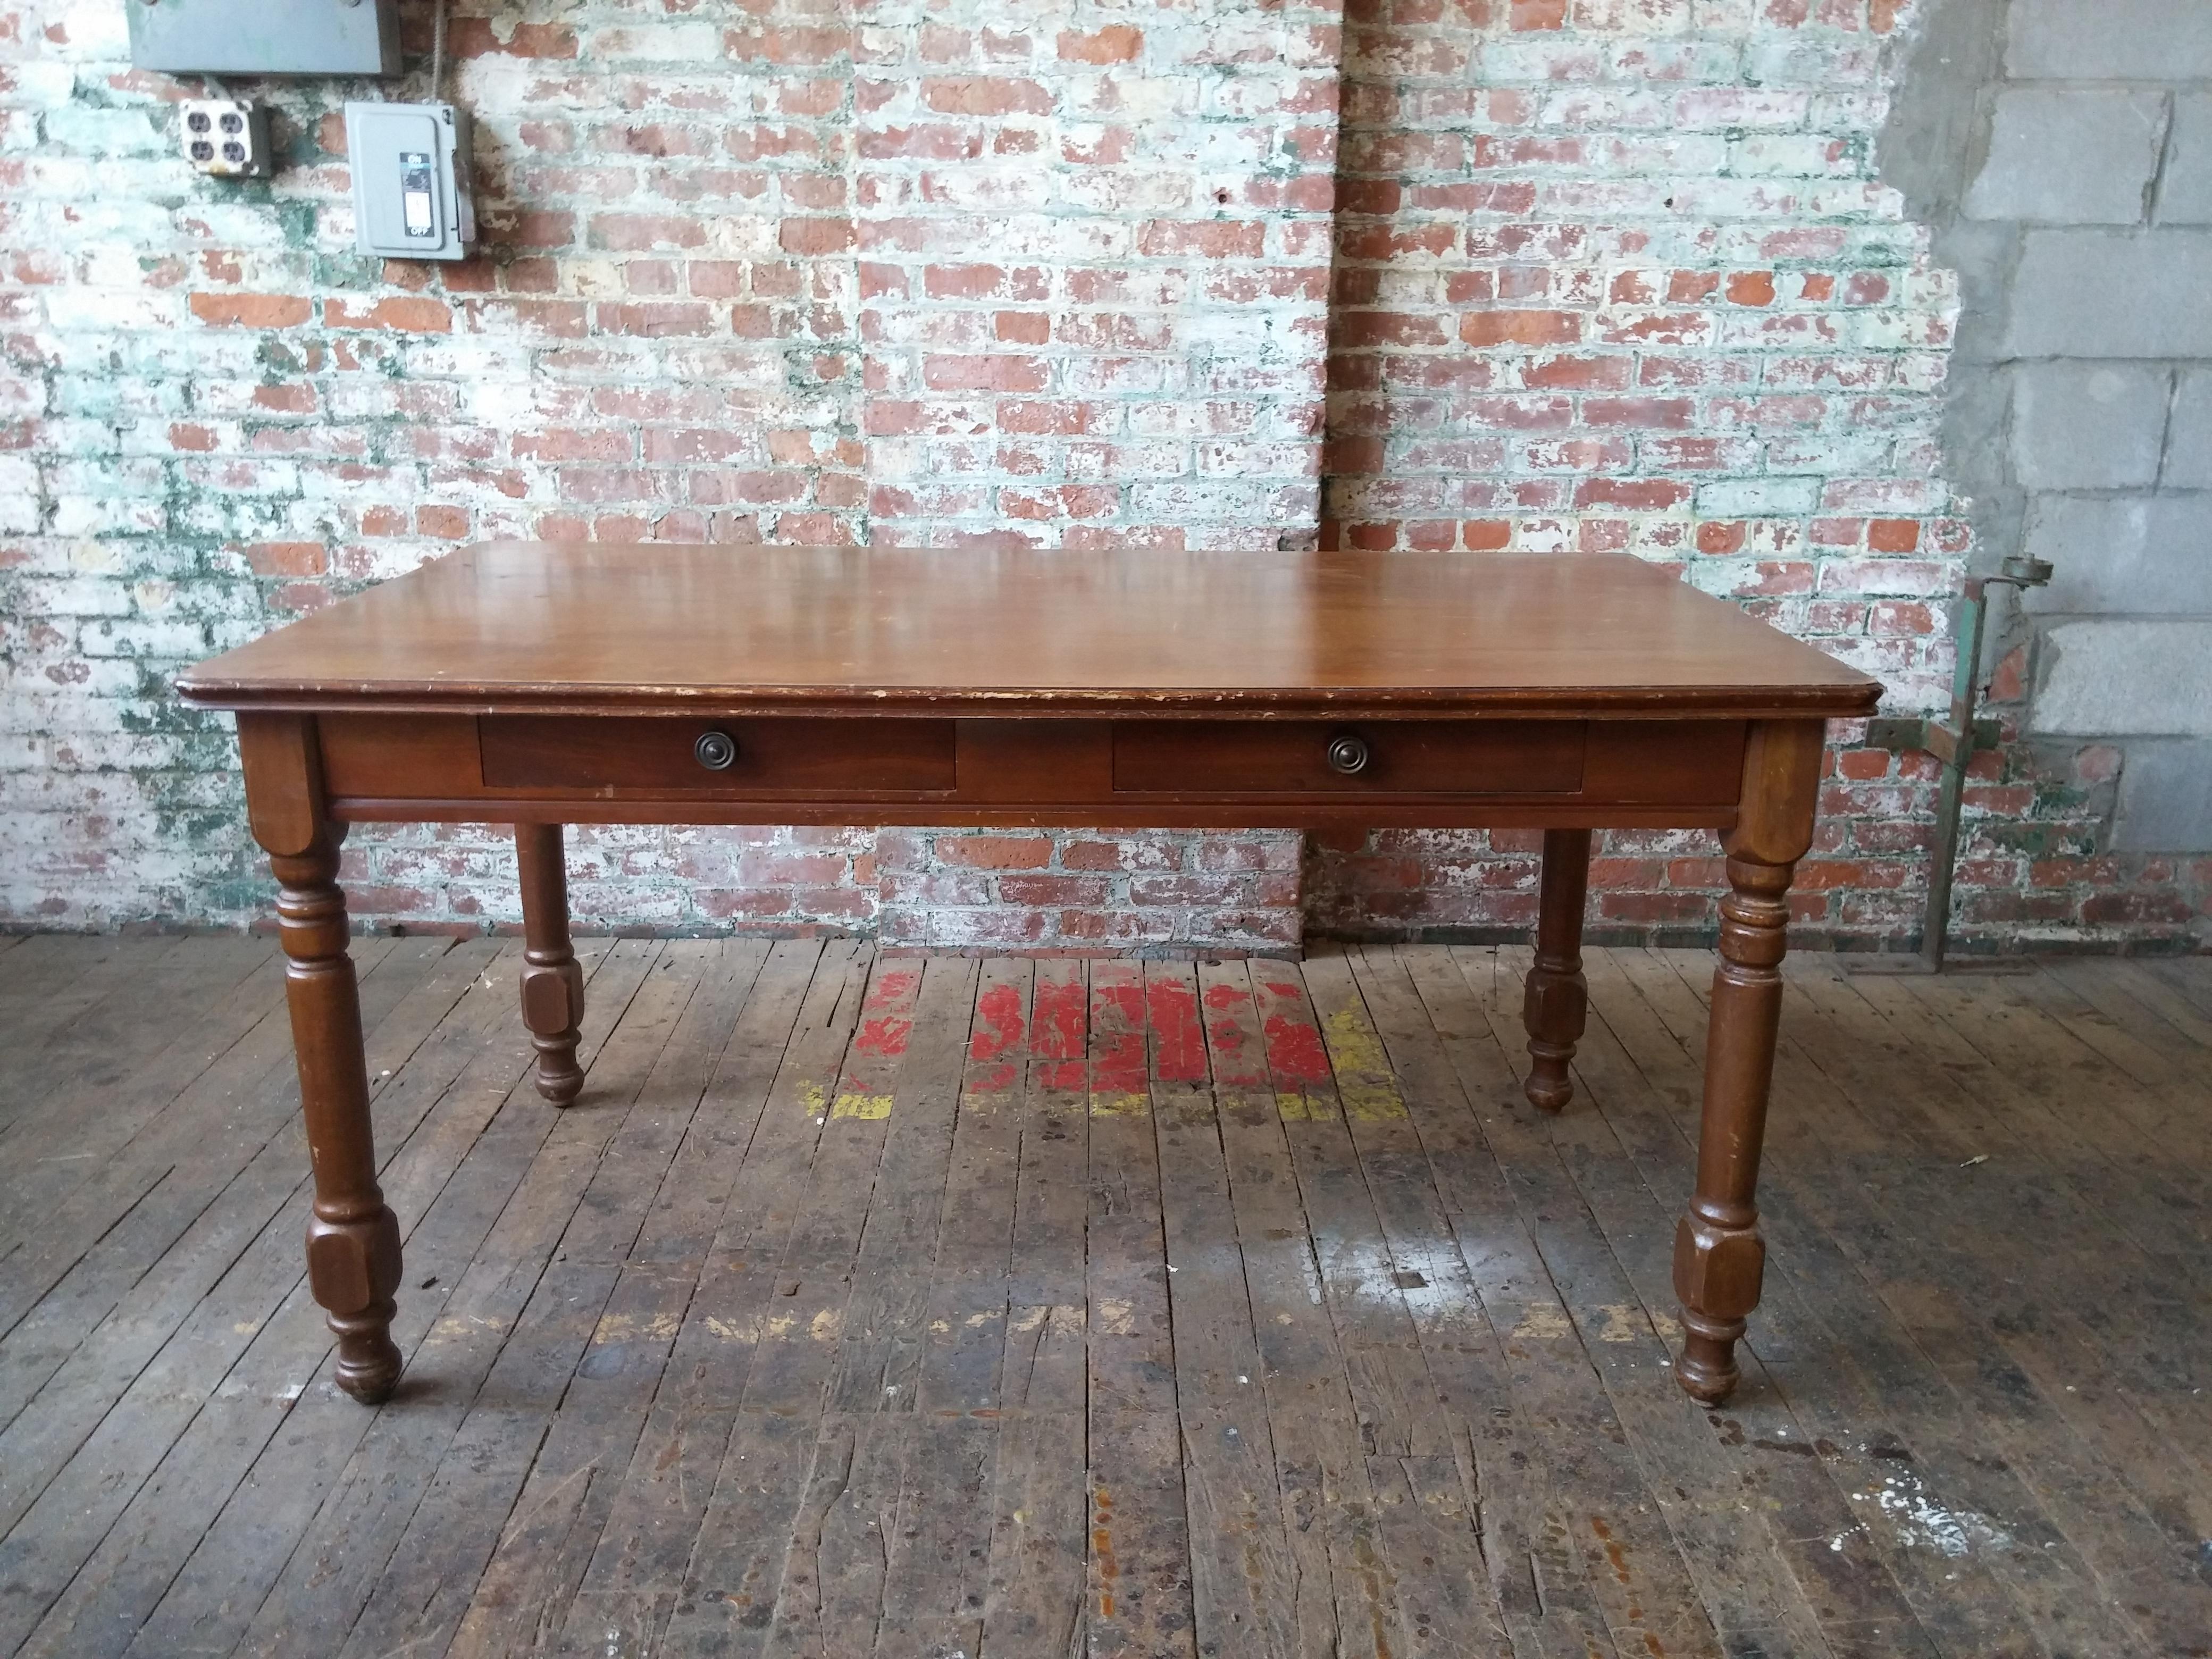 197 A. 34' x 60' Table